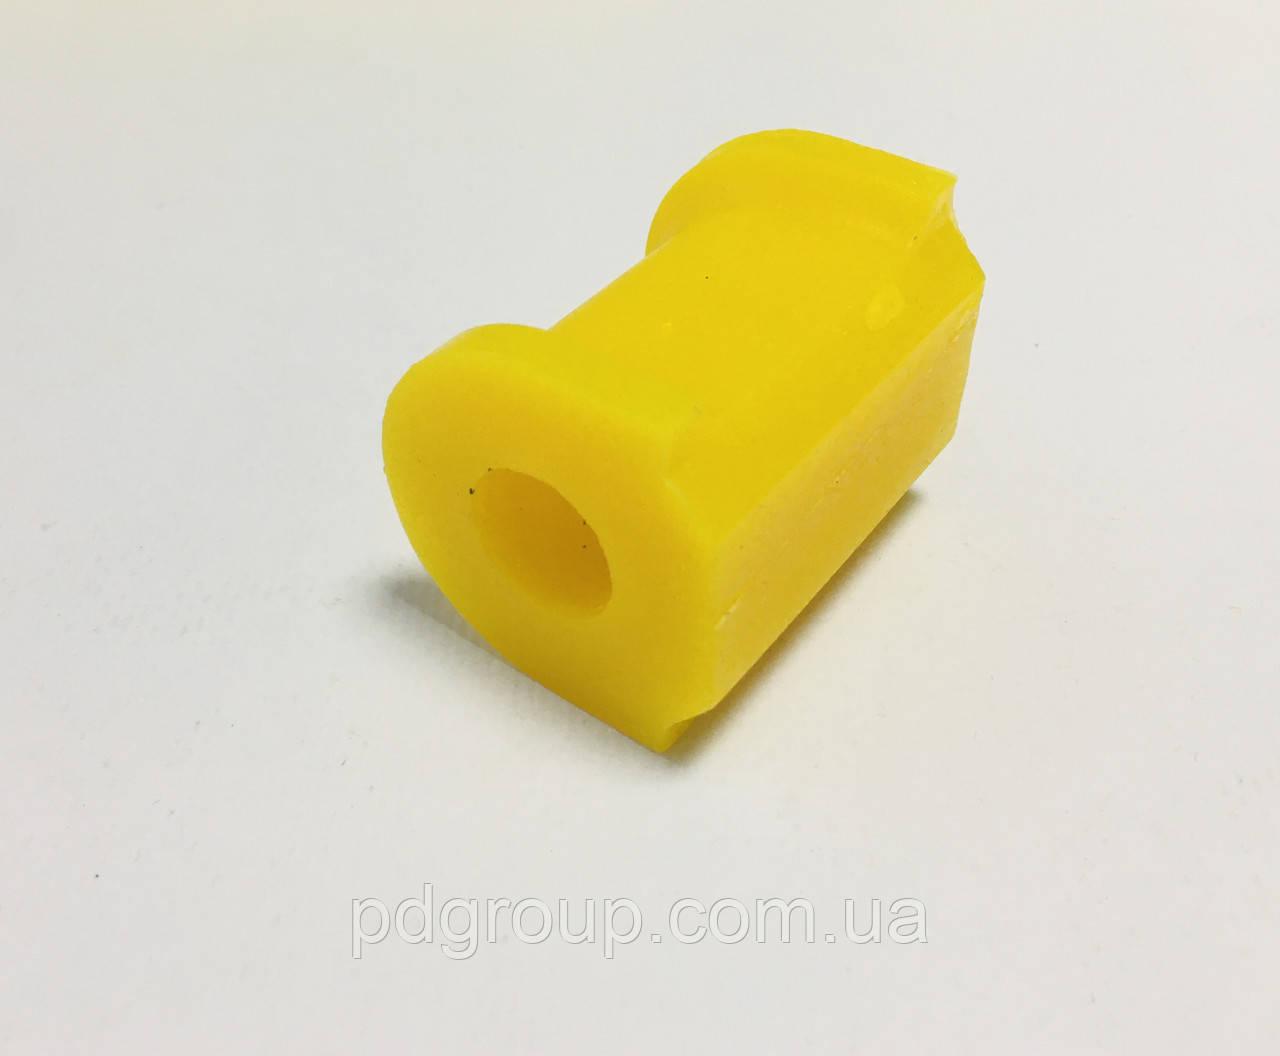 Полиуретановая втулка стабилизатора переднего Калина 1117-1118-1119  ВАЗ  ОЕ 1118-2906040